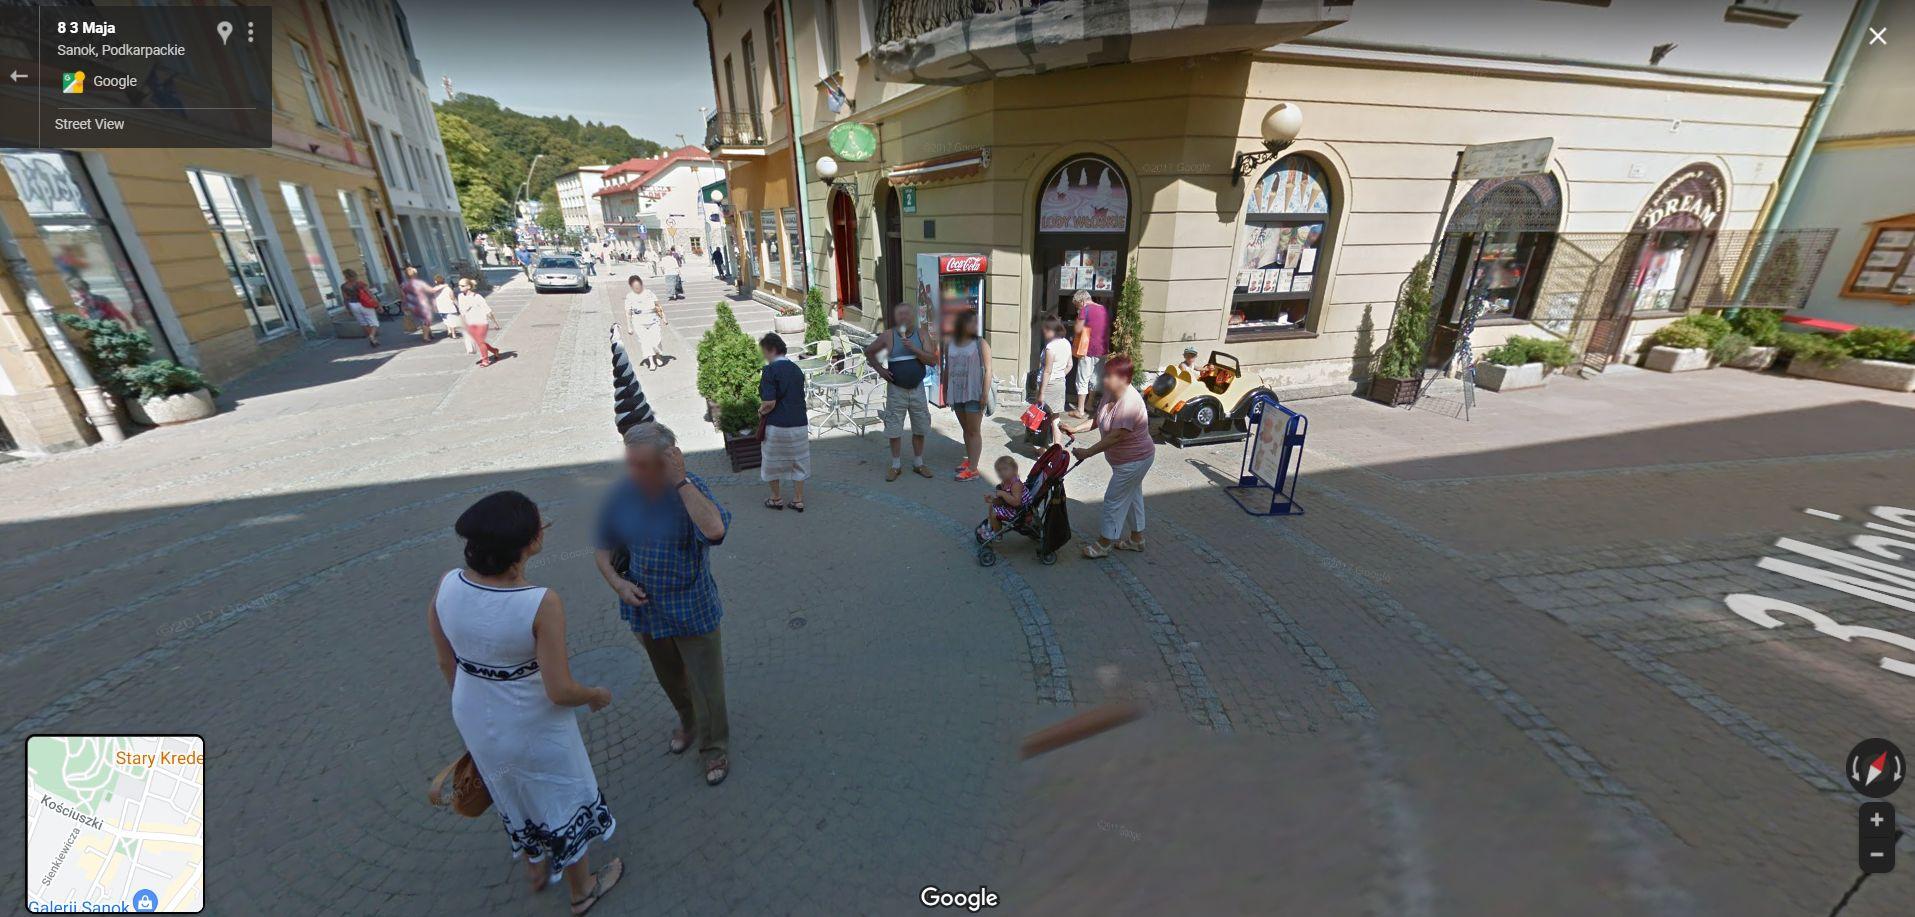 Kamera Google Street View na Podkarpaciu. Zobacz zdjęcia z Sanoka - Zdjęcie główne